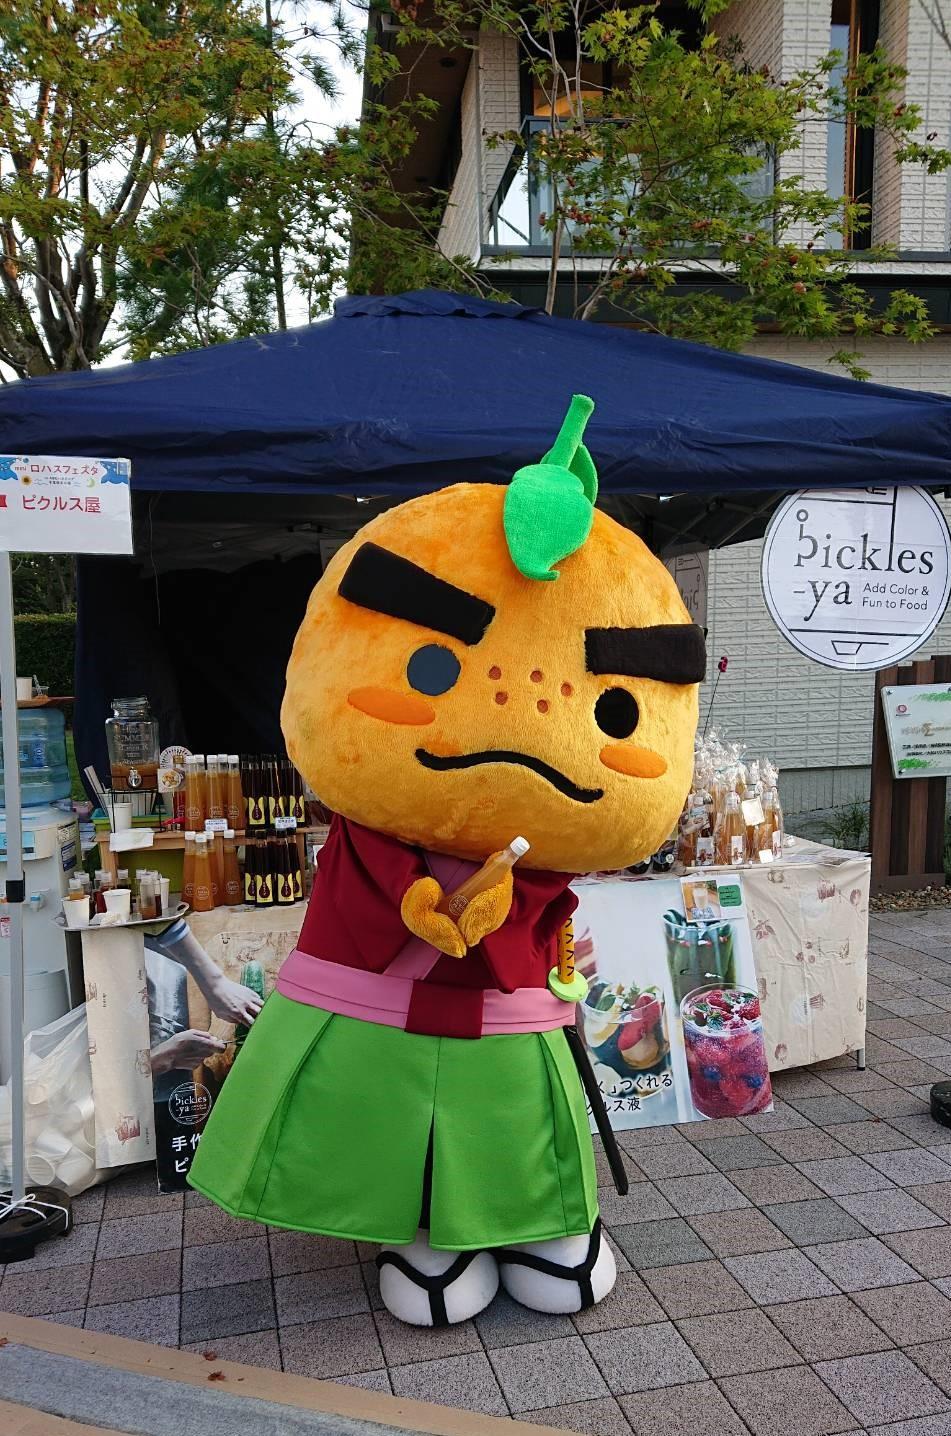 【大阪】第12回miniロハスフェスタinABCハウジング千里万博公園 ありがとうございました